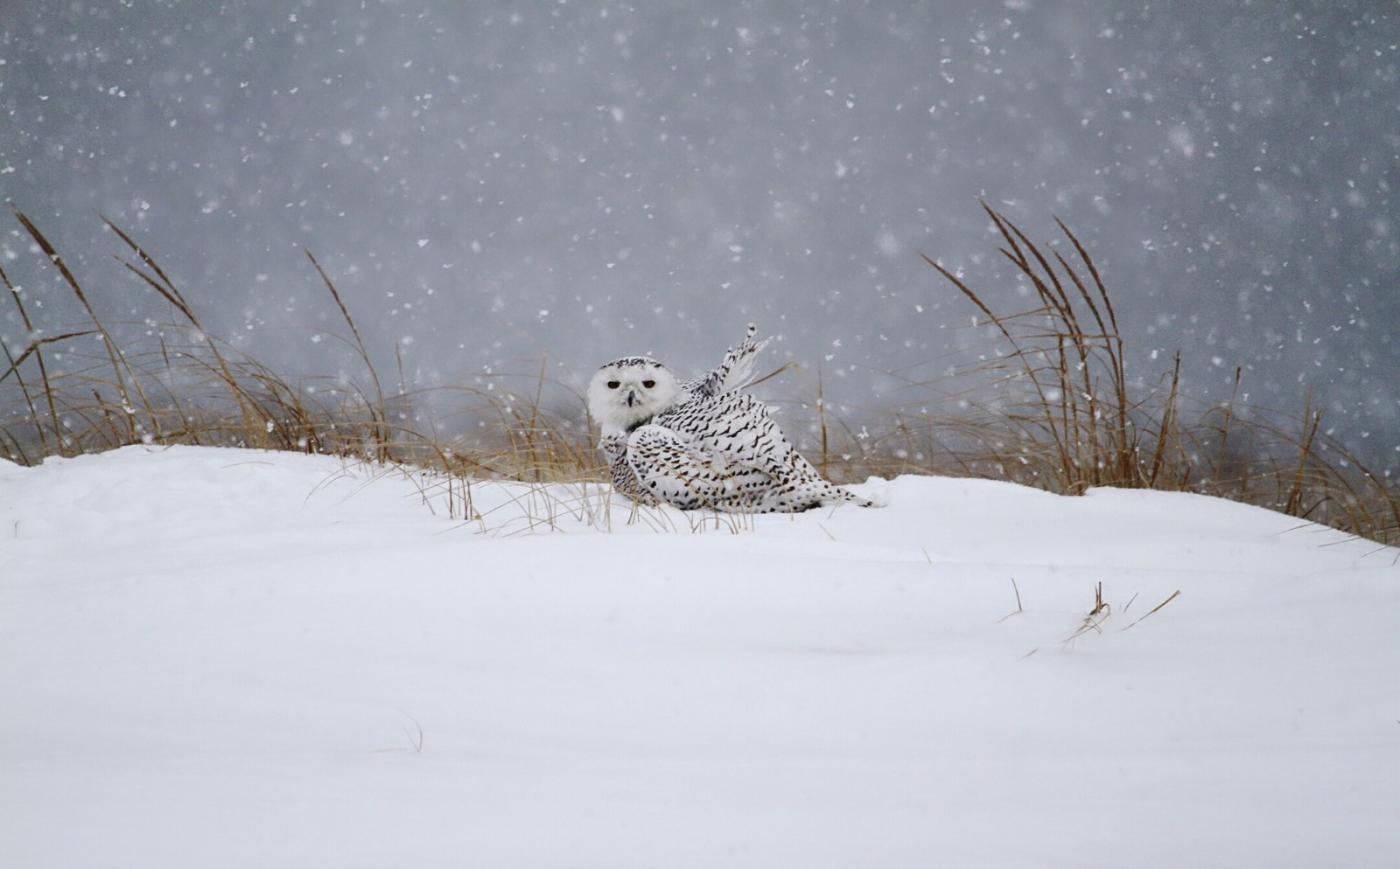 【田螺摄影】它坐着我坐着~抓拍雪猫鹰的萌态_图1-20